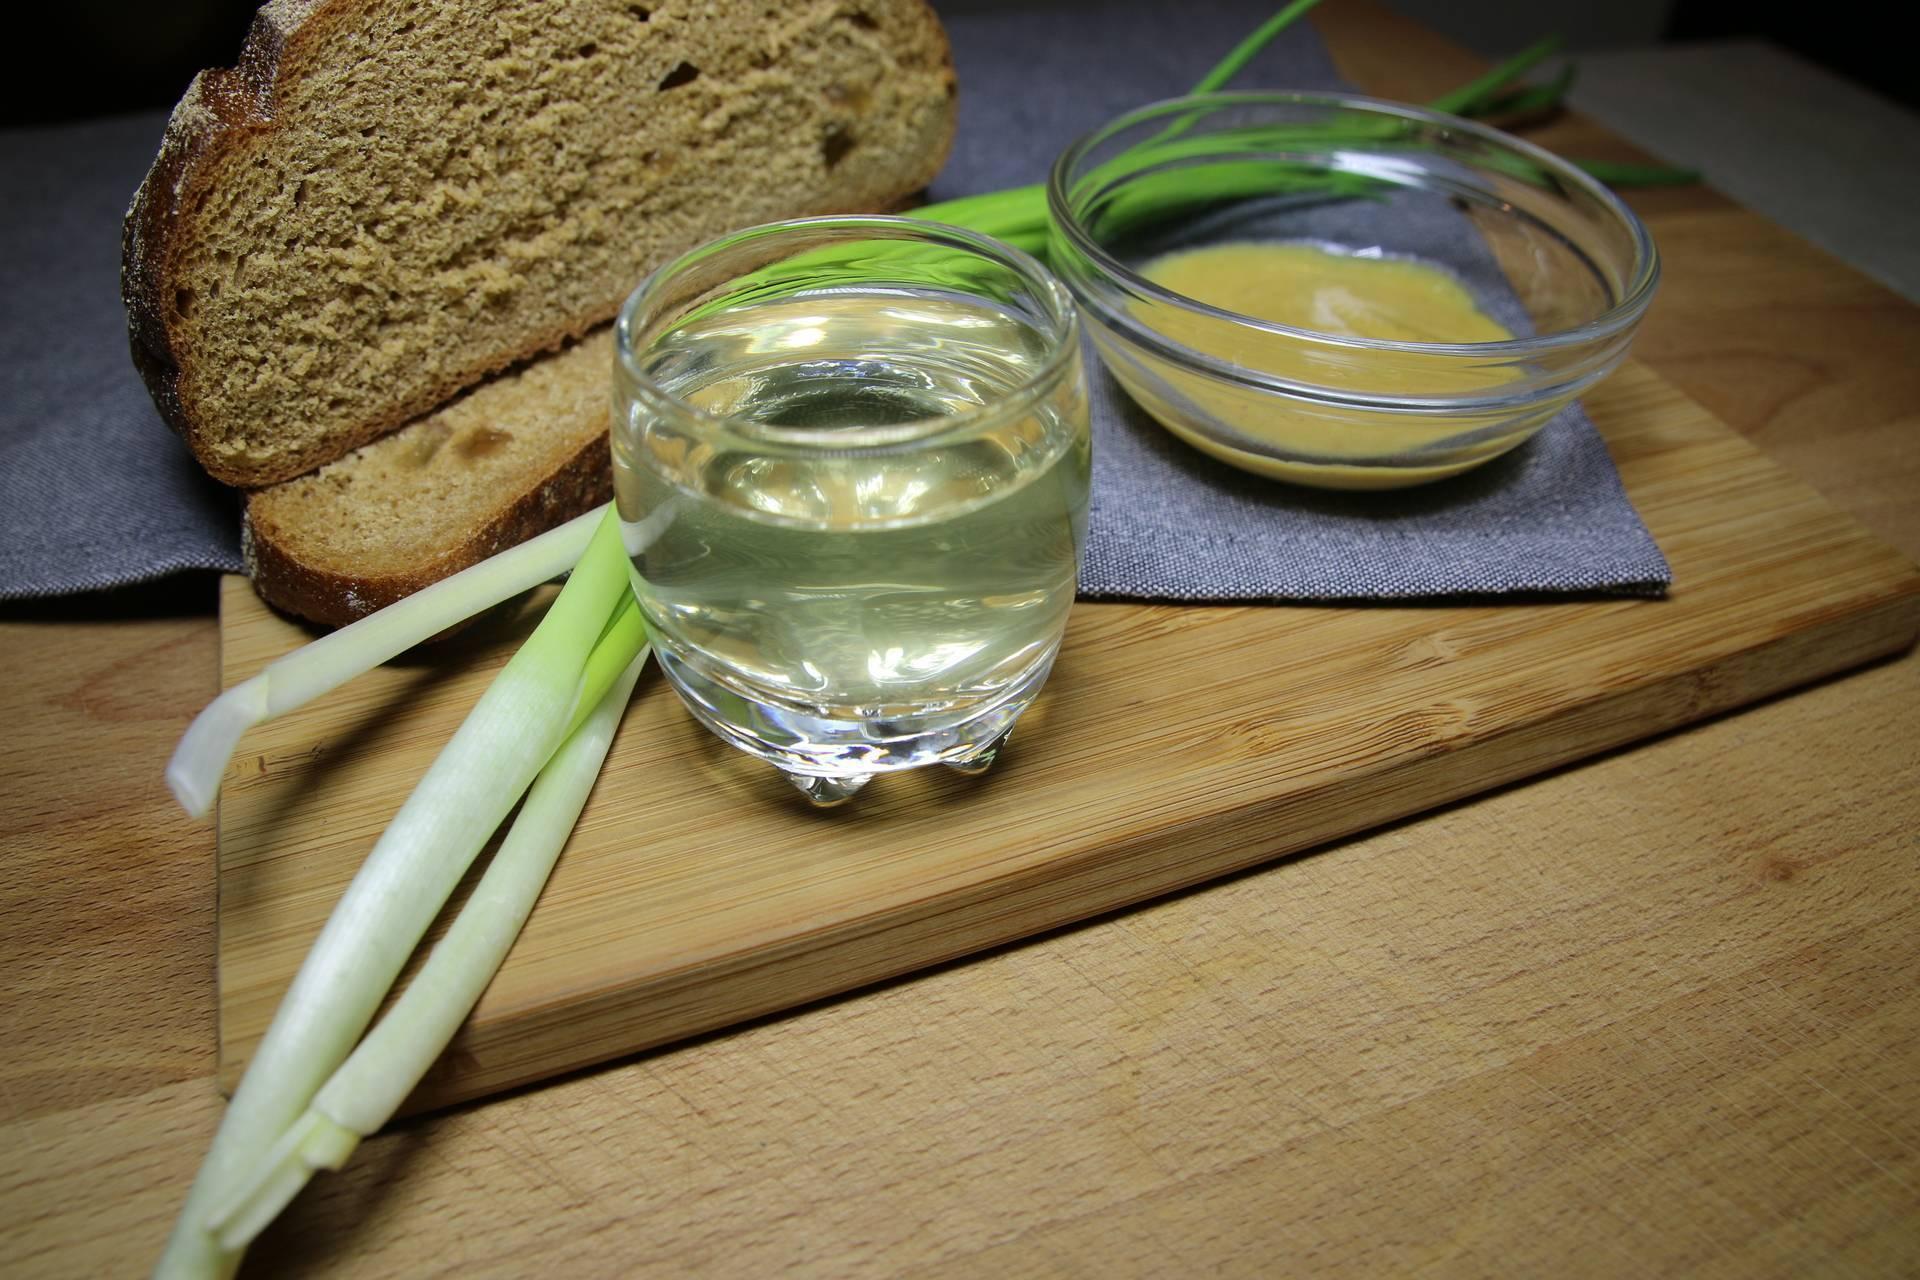 Хреновуха рецепт из водки в домашних условиях: классический, с медом и хреном, с фото пошагово